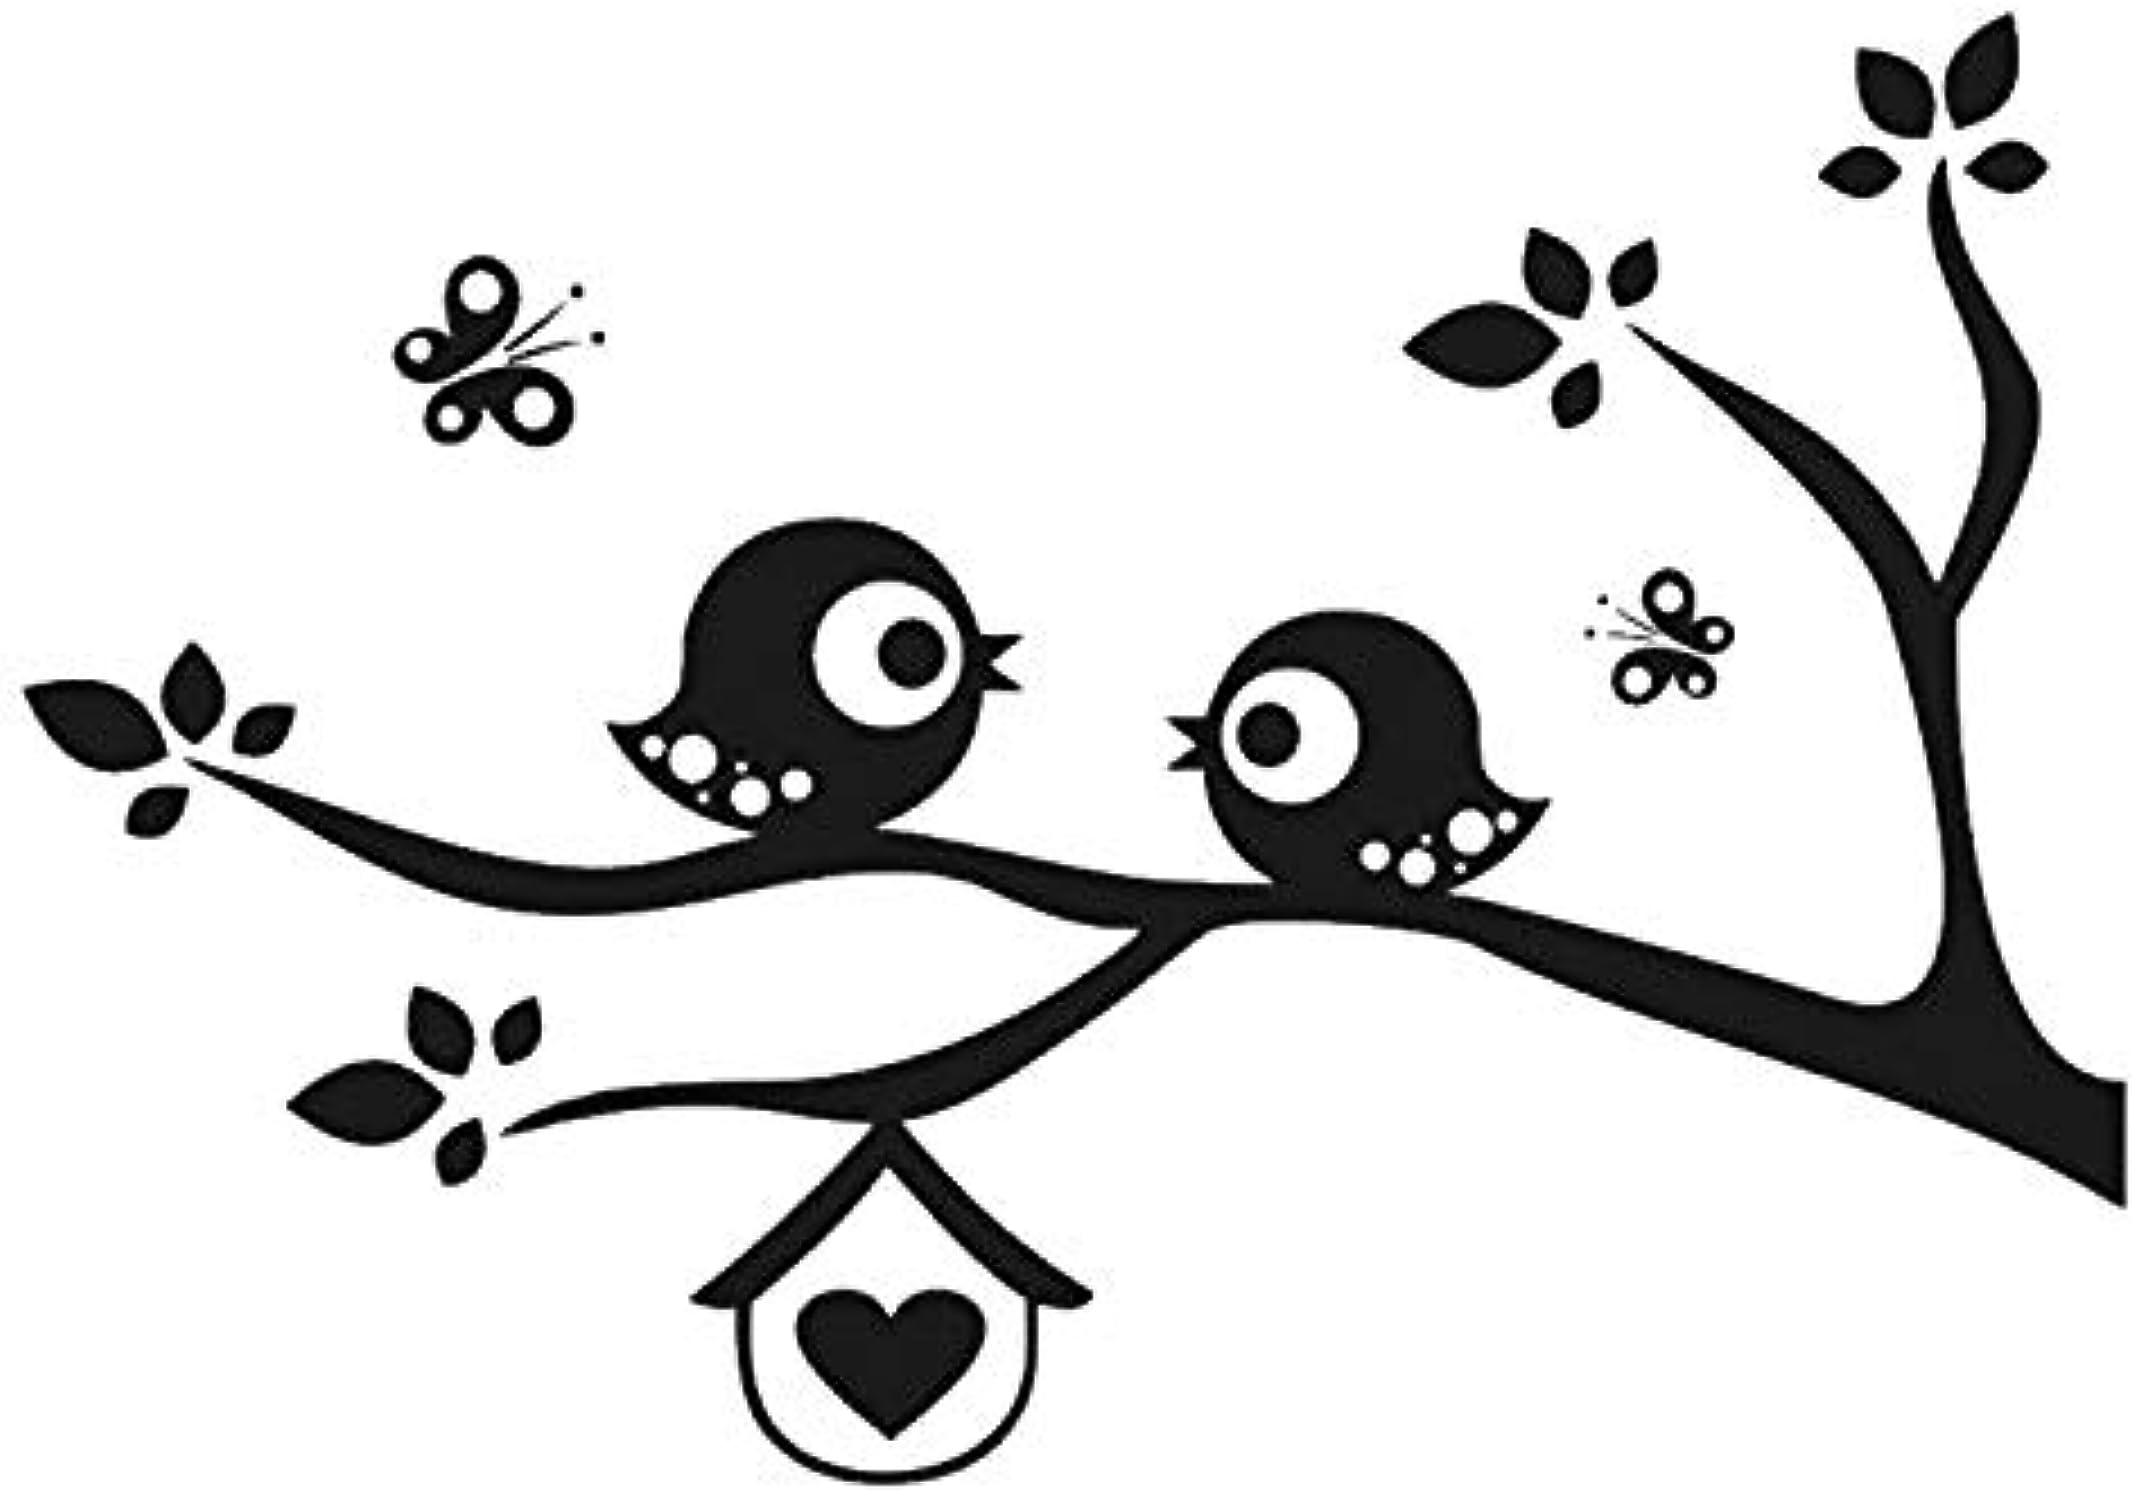 ahorre 60% de descuento Plantilla reutilizable con diseo de pájaros sobre sobre sobre rama para decoración de la parojo para dormitorio de los nios, Plantilla reutilizable de PVC, L Talla - 140 x 200 cm, 55.1 x 78.7 in  online barato